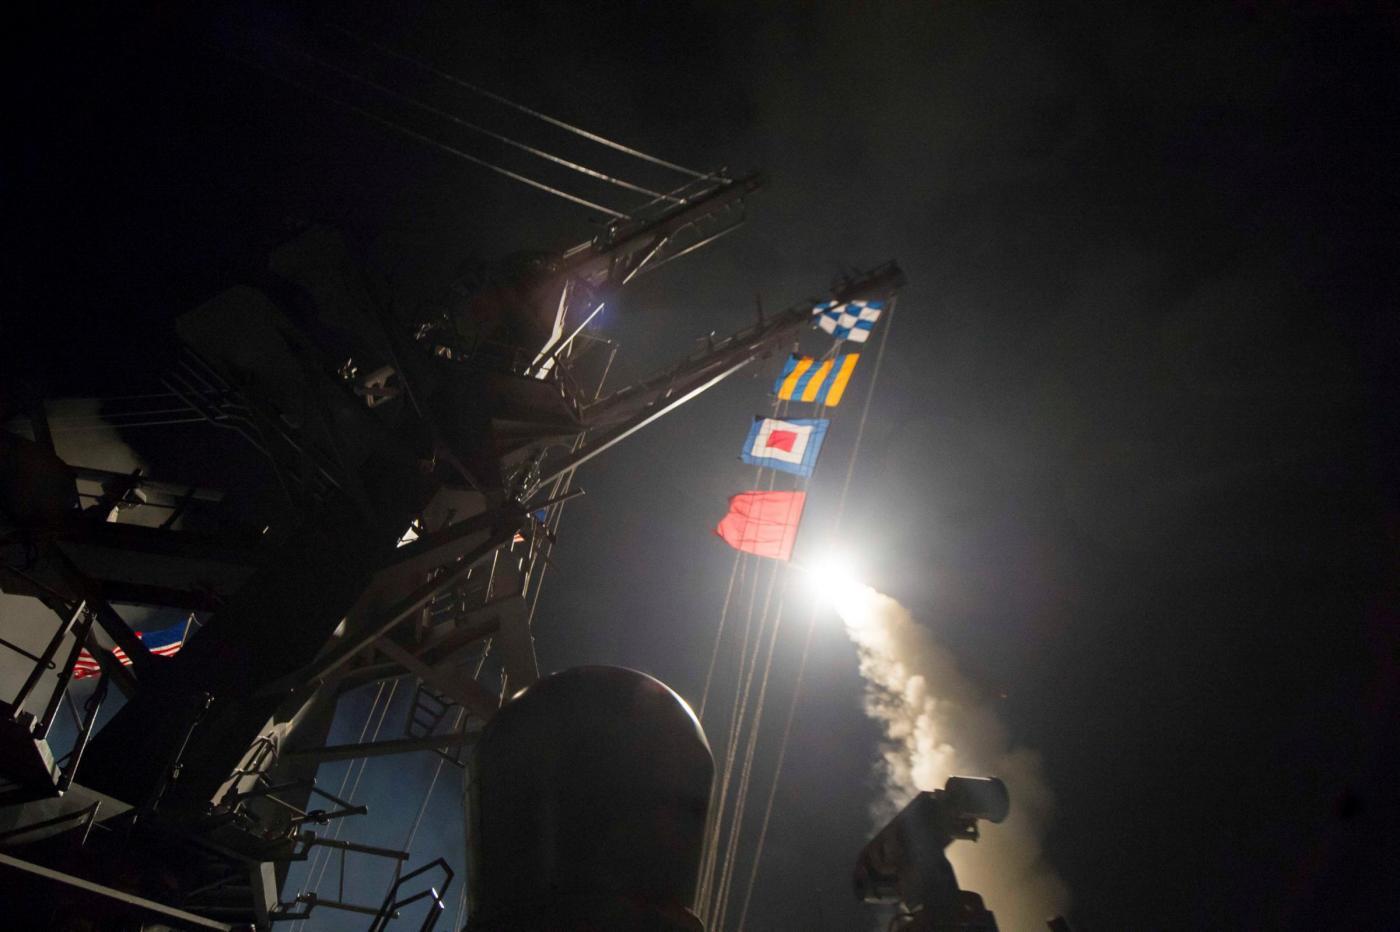 Attacco USA in Siria: il lancio dei missili dal mar mediterraneo